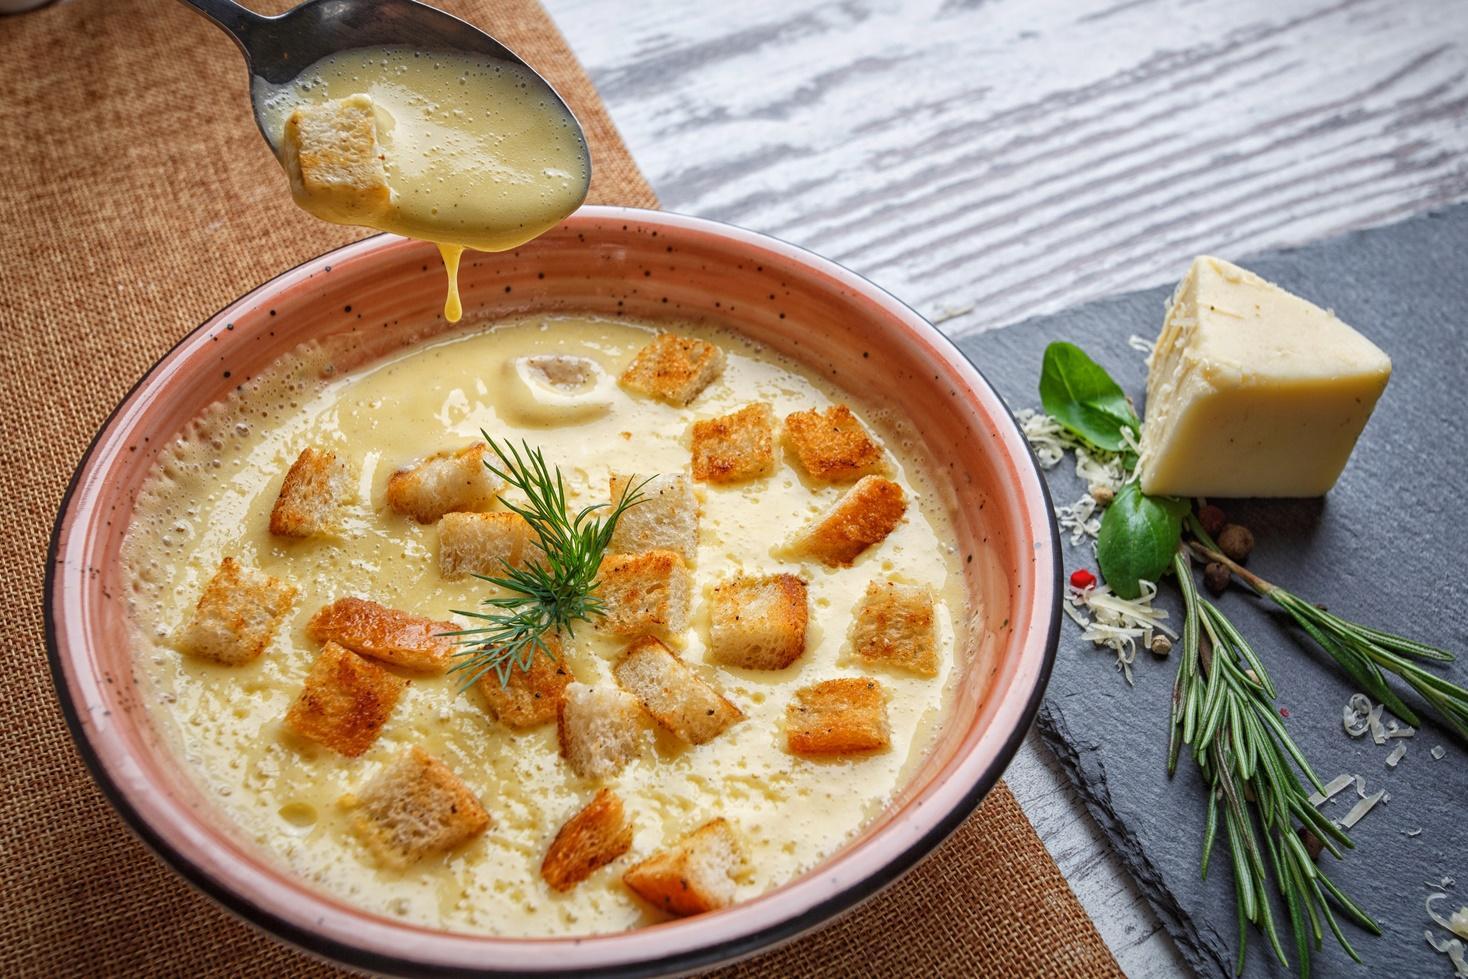 Rețetă de supă cremă de brânzeturi cu usturoi, perfectă pentru sezonul rece